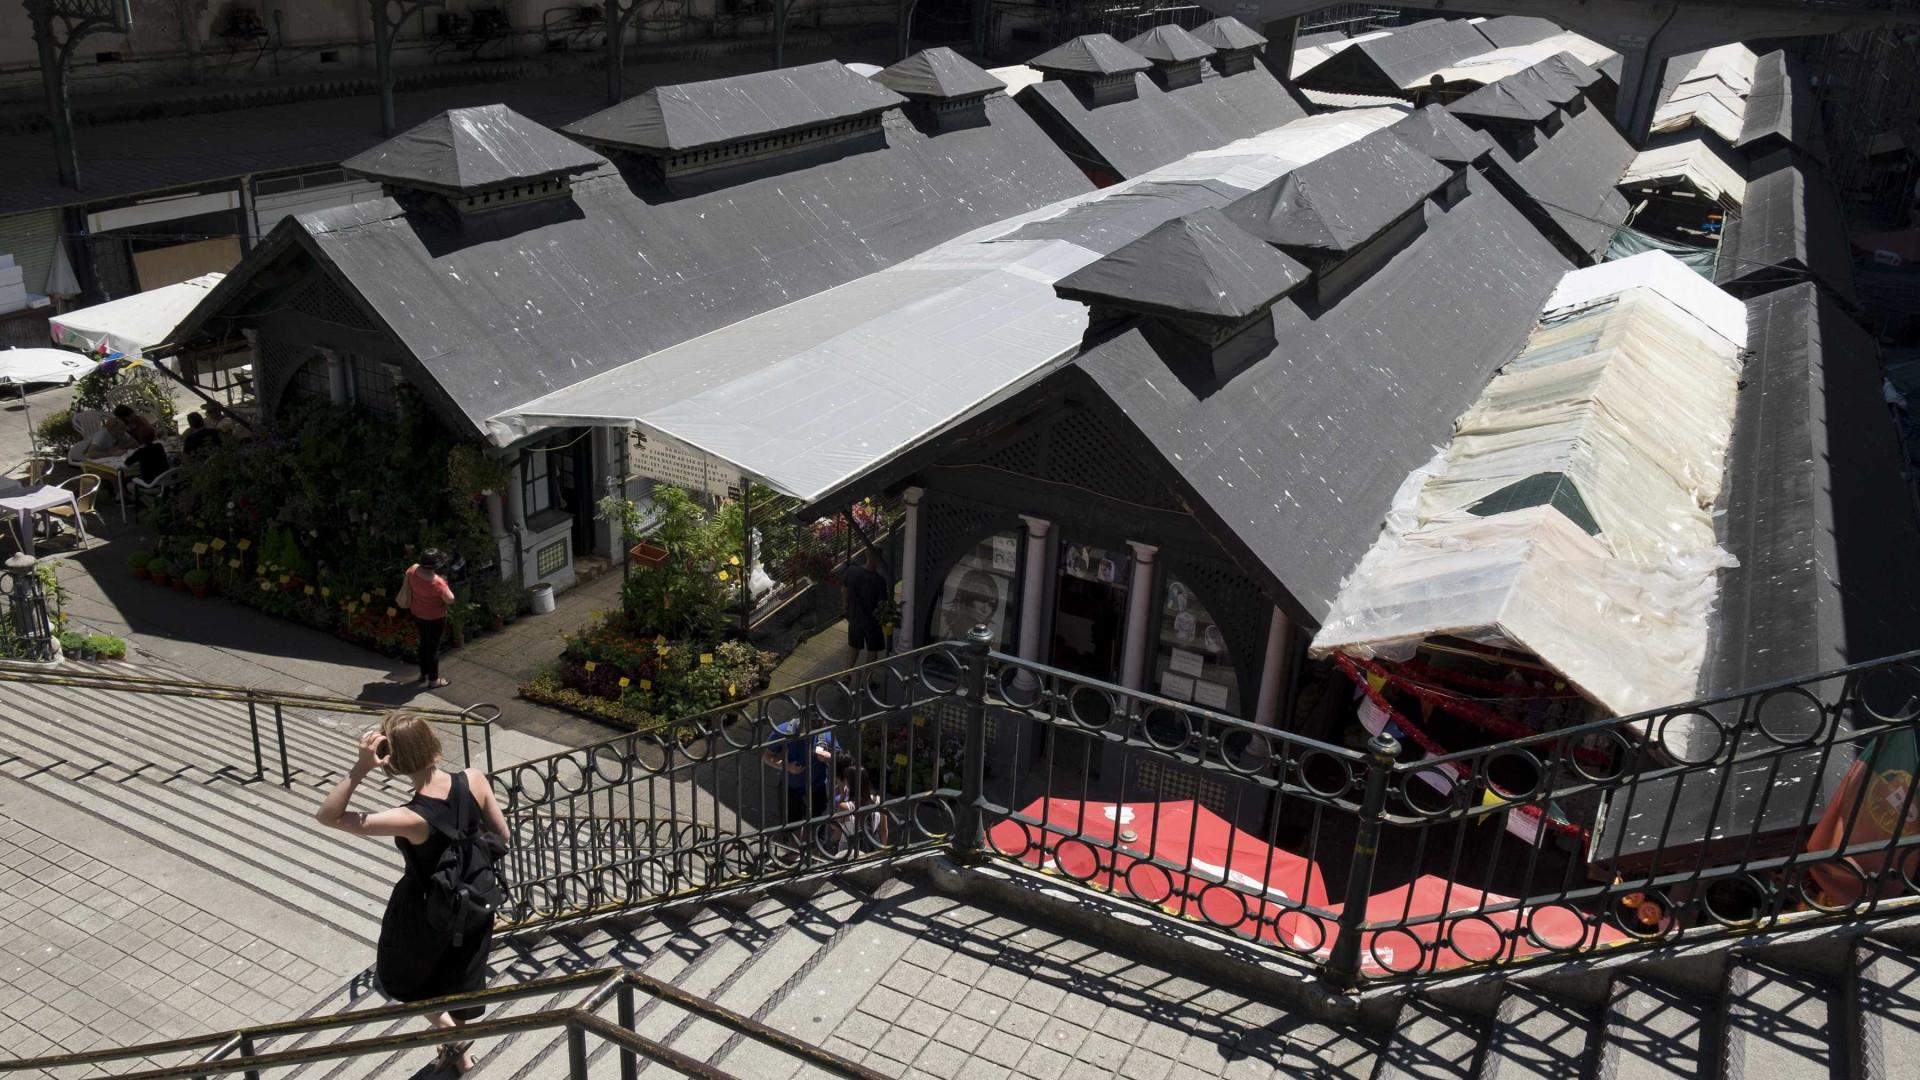 Restauro do Mercado do Bolhão adjudicado por 22,4 milhões